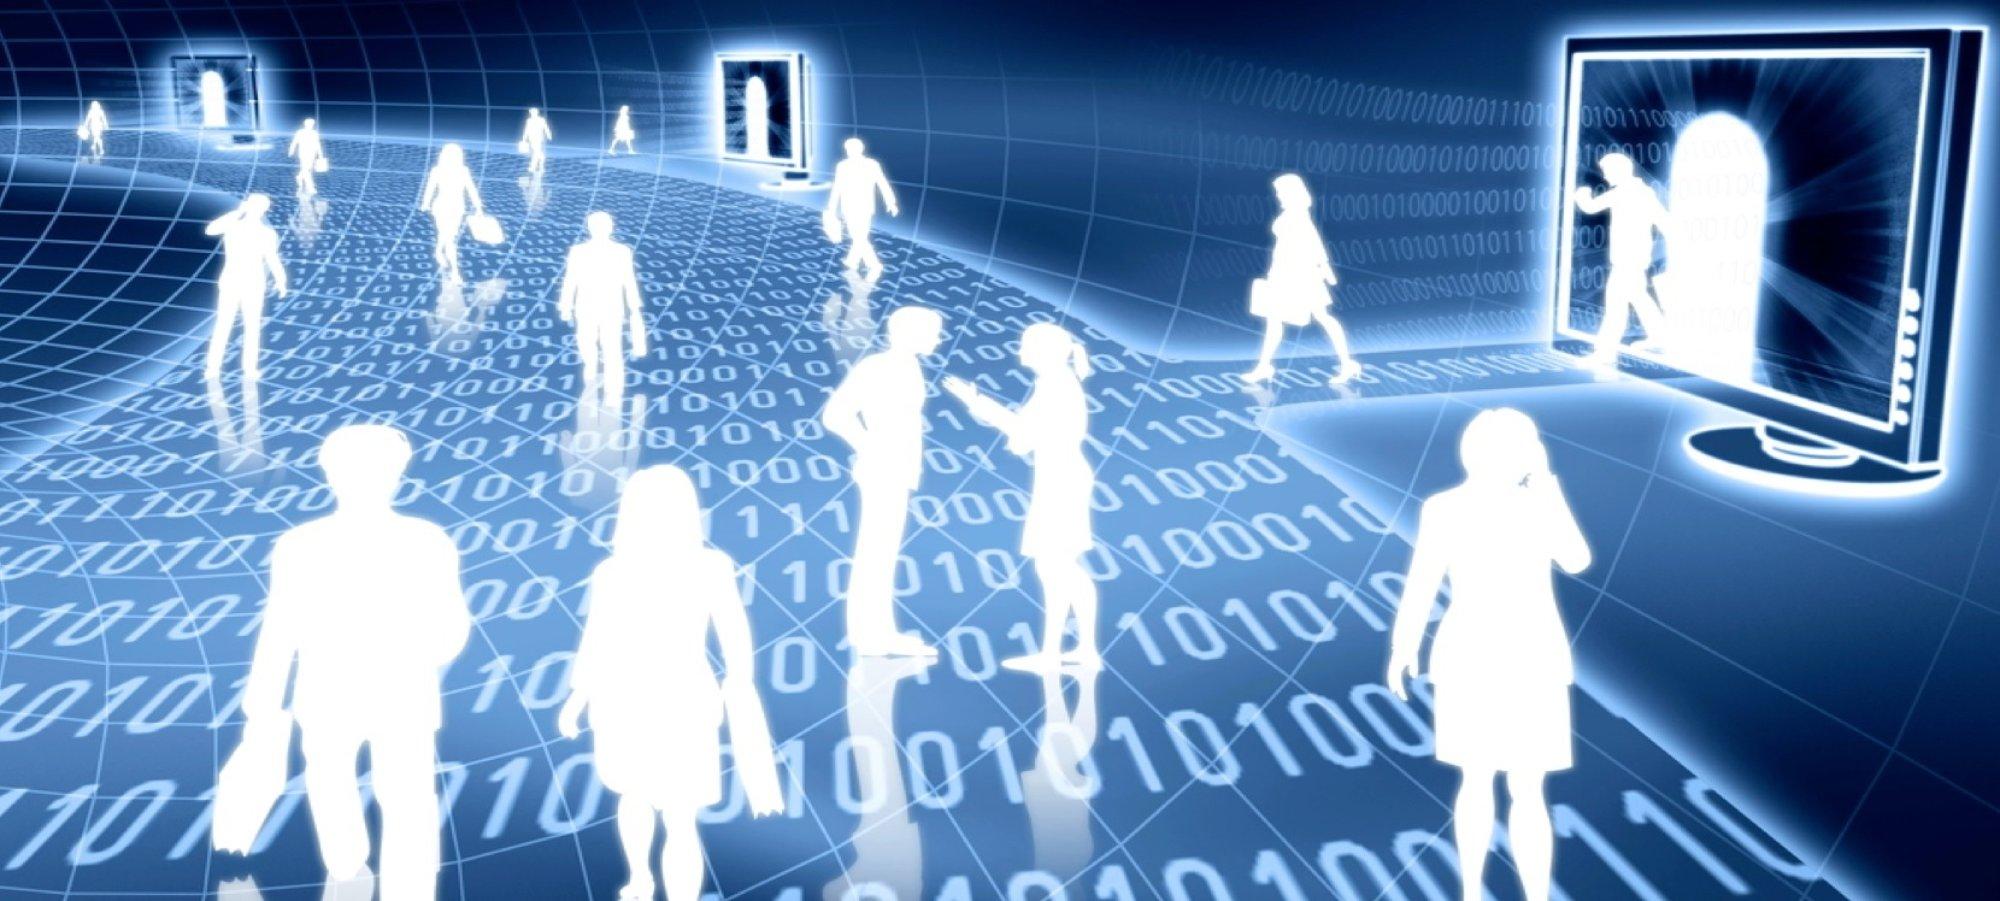 hr digital transformation.jpg